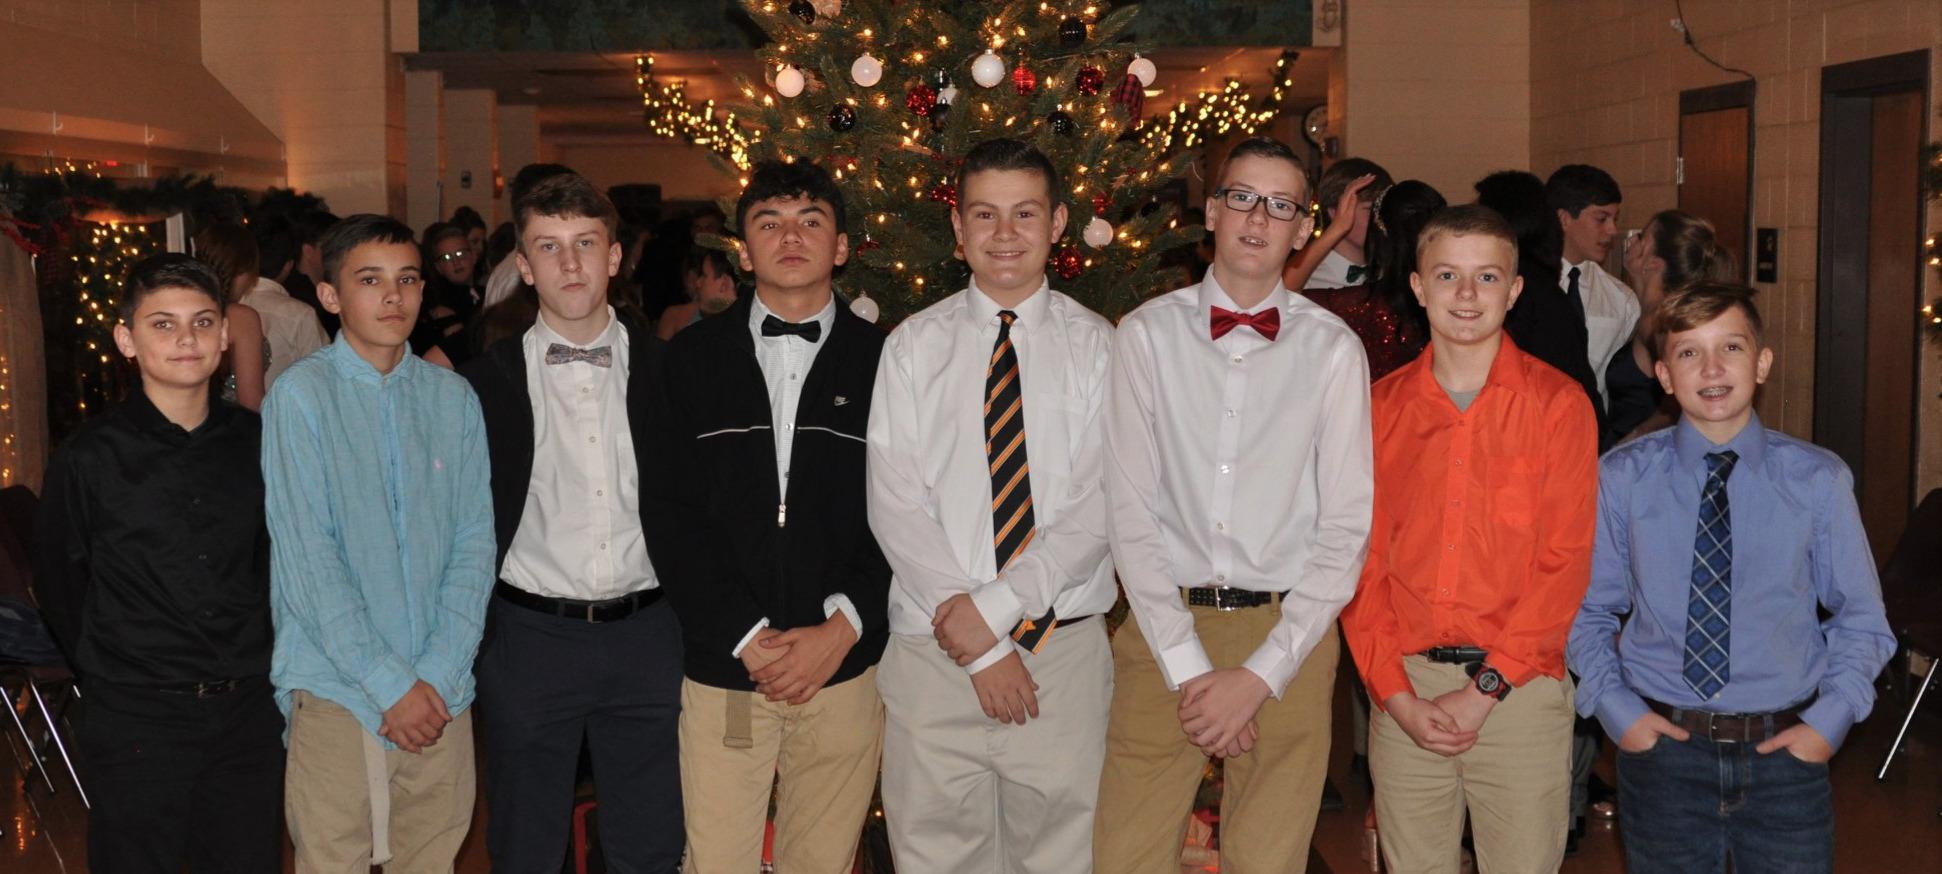 CBHS Winter Formal